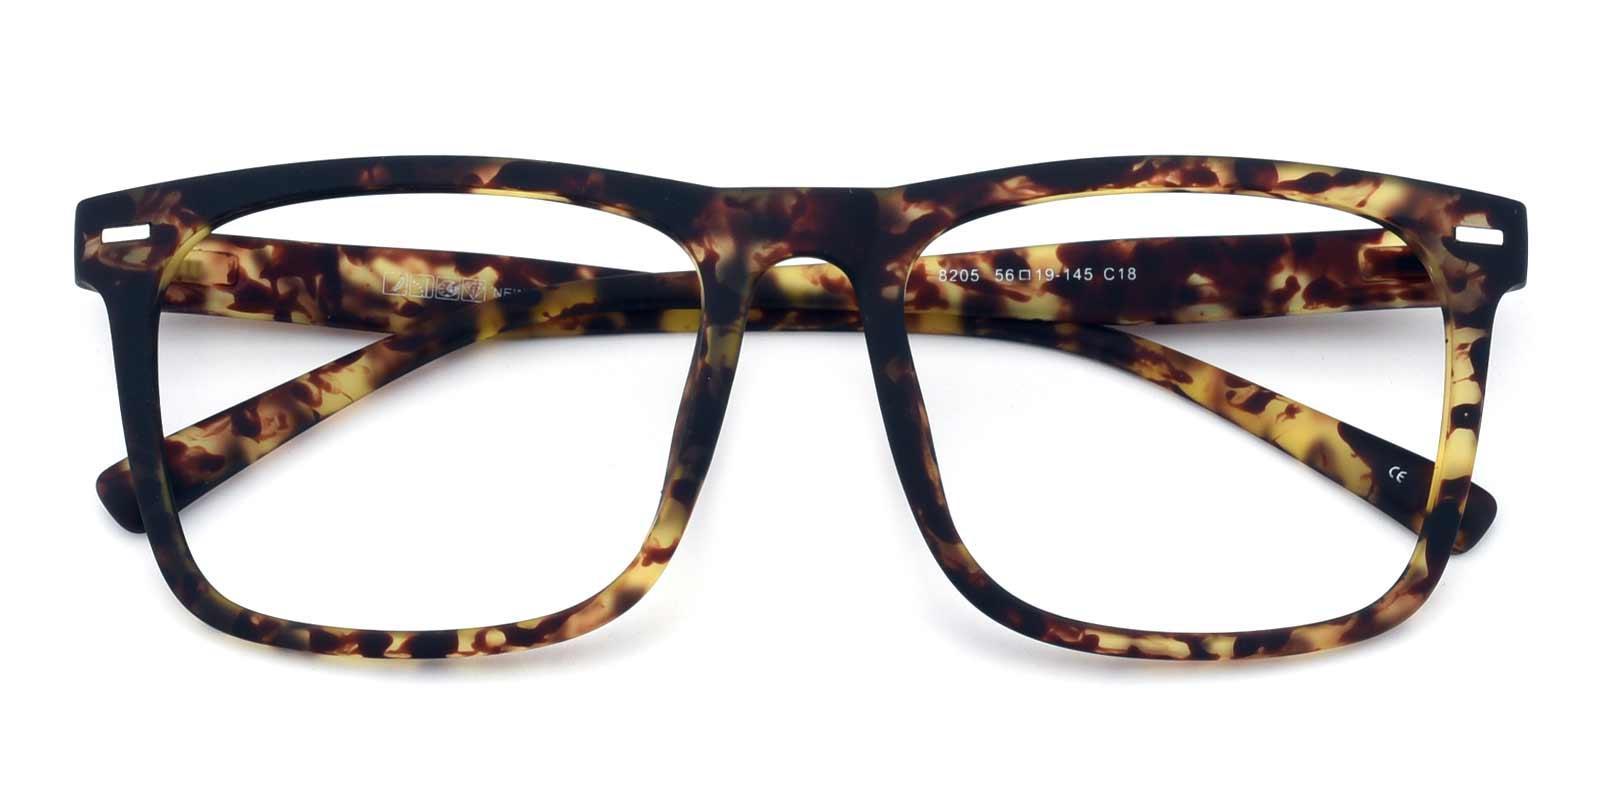 Flynn-Tortoise-Rectangle-TR-Eyeglasses-detail